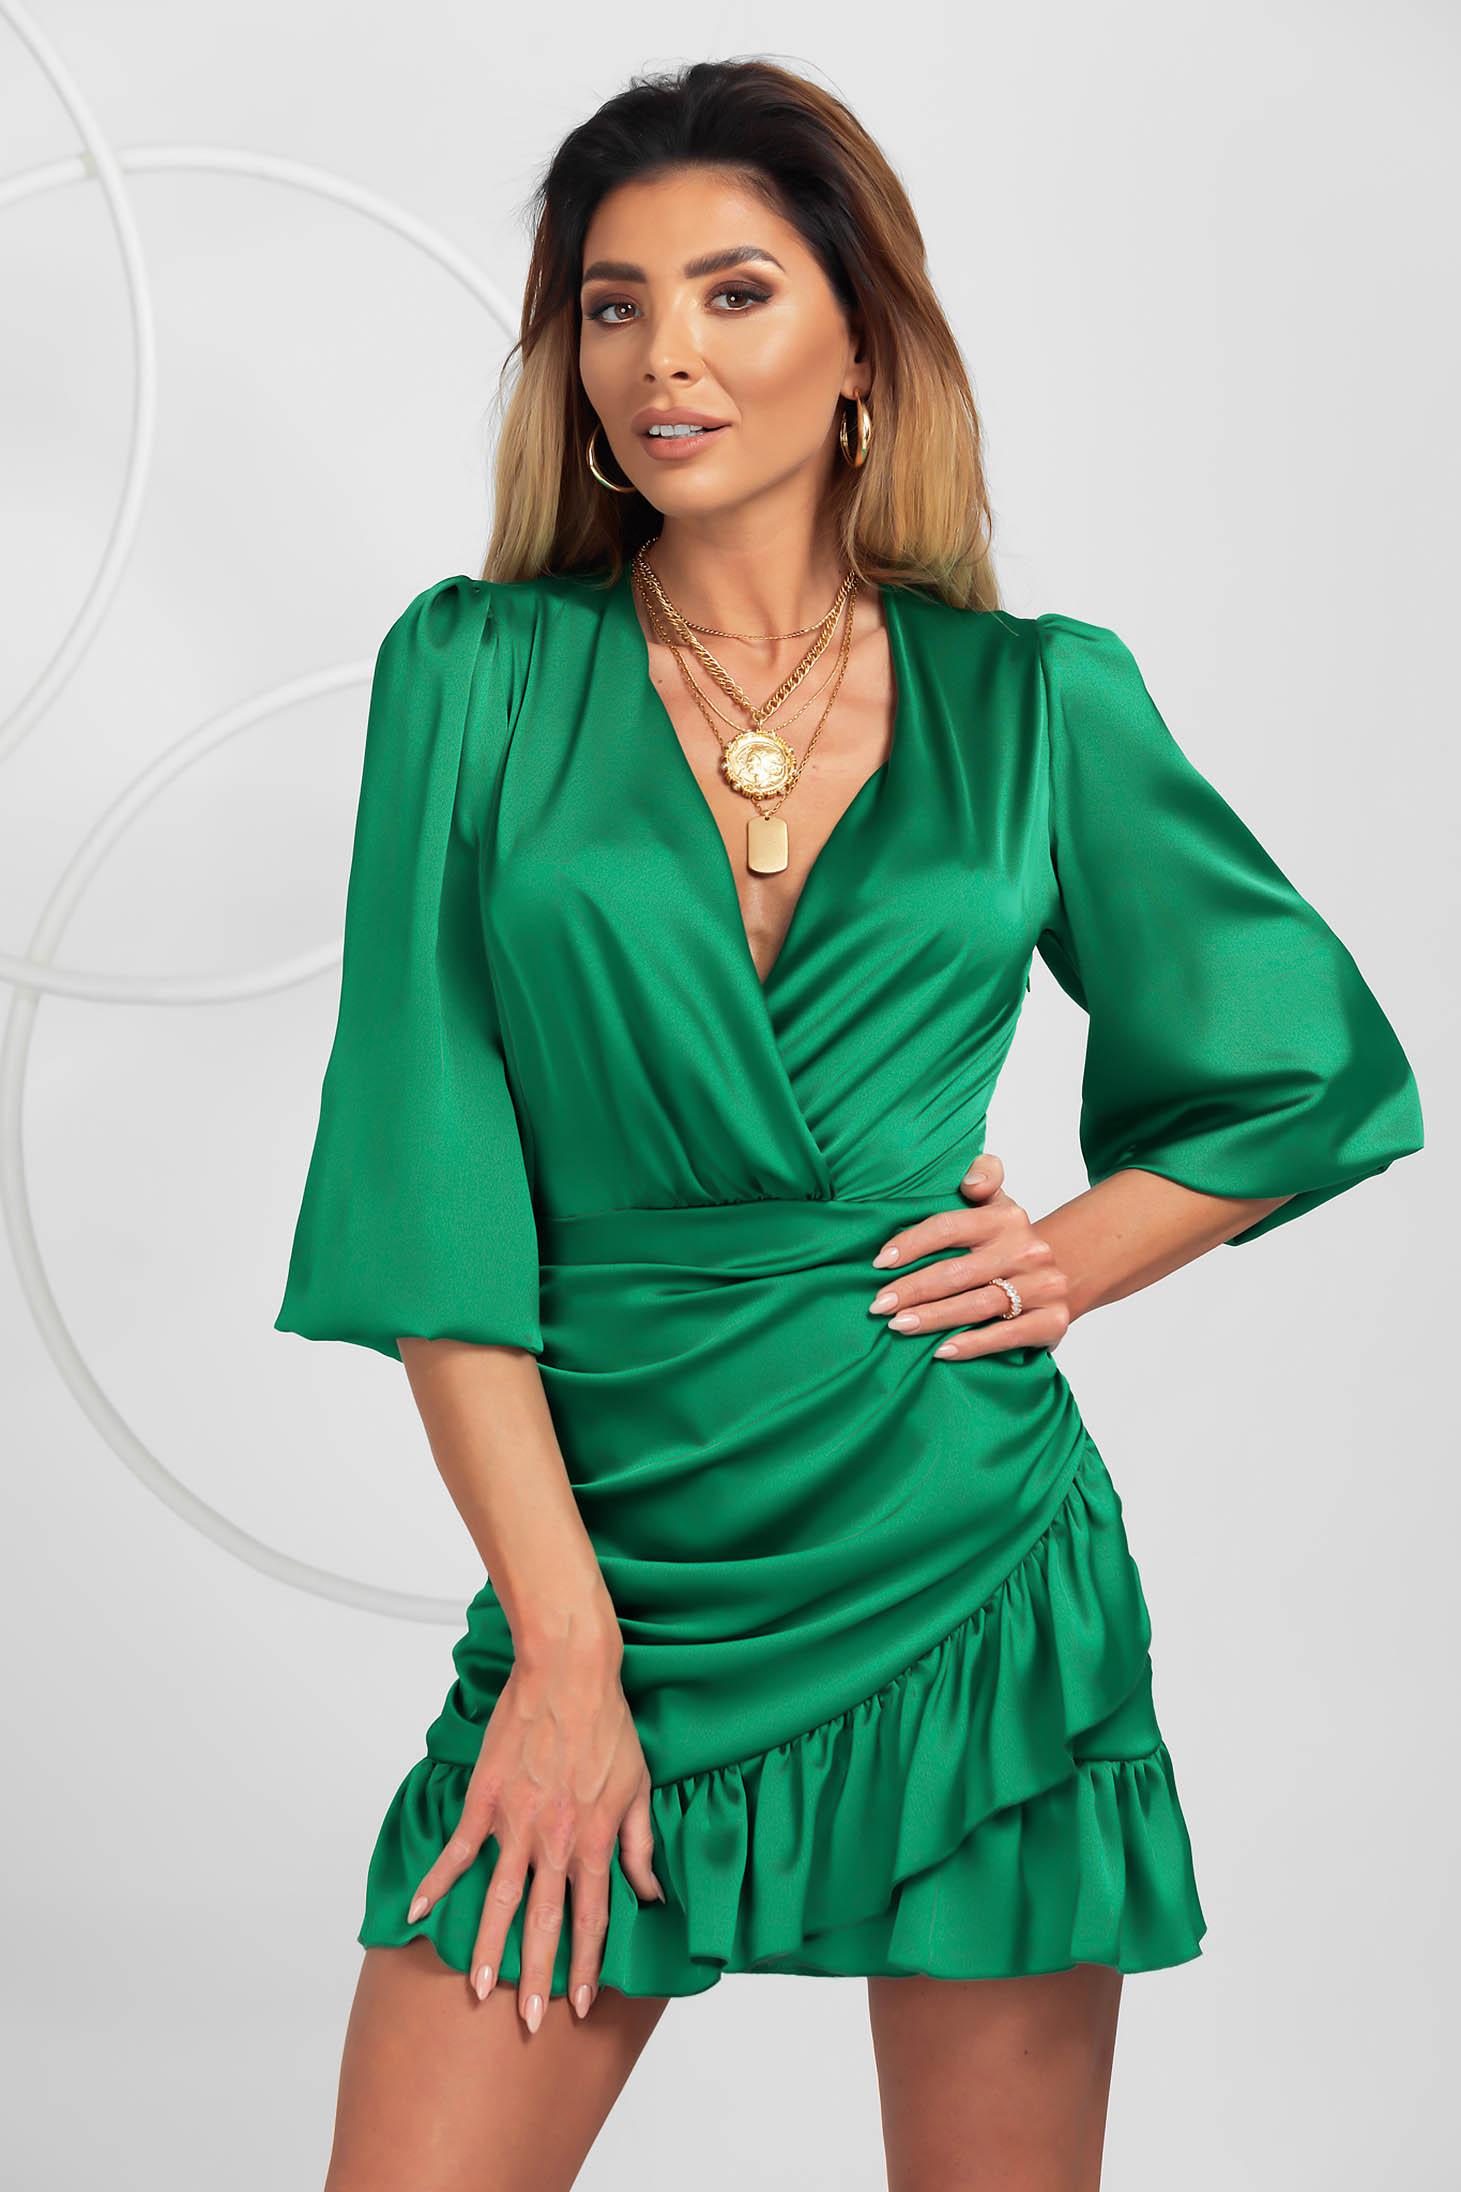 Rochie PrettyGirl verde scurta de ocazie din satin cu decolteu petrecut cu volanase